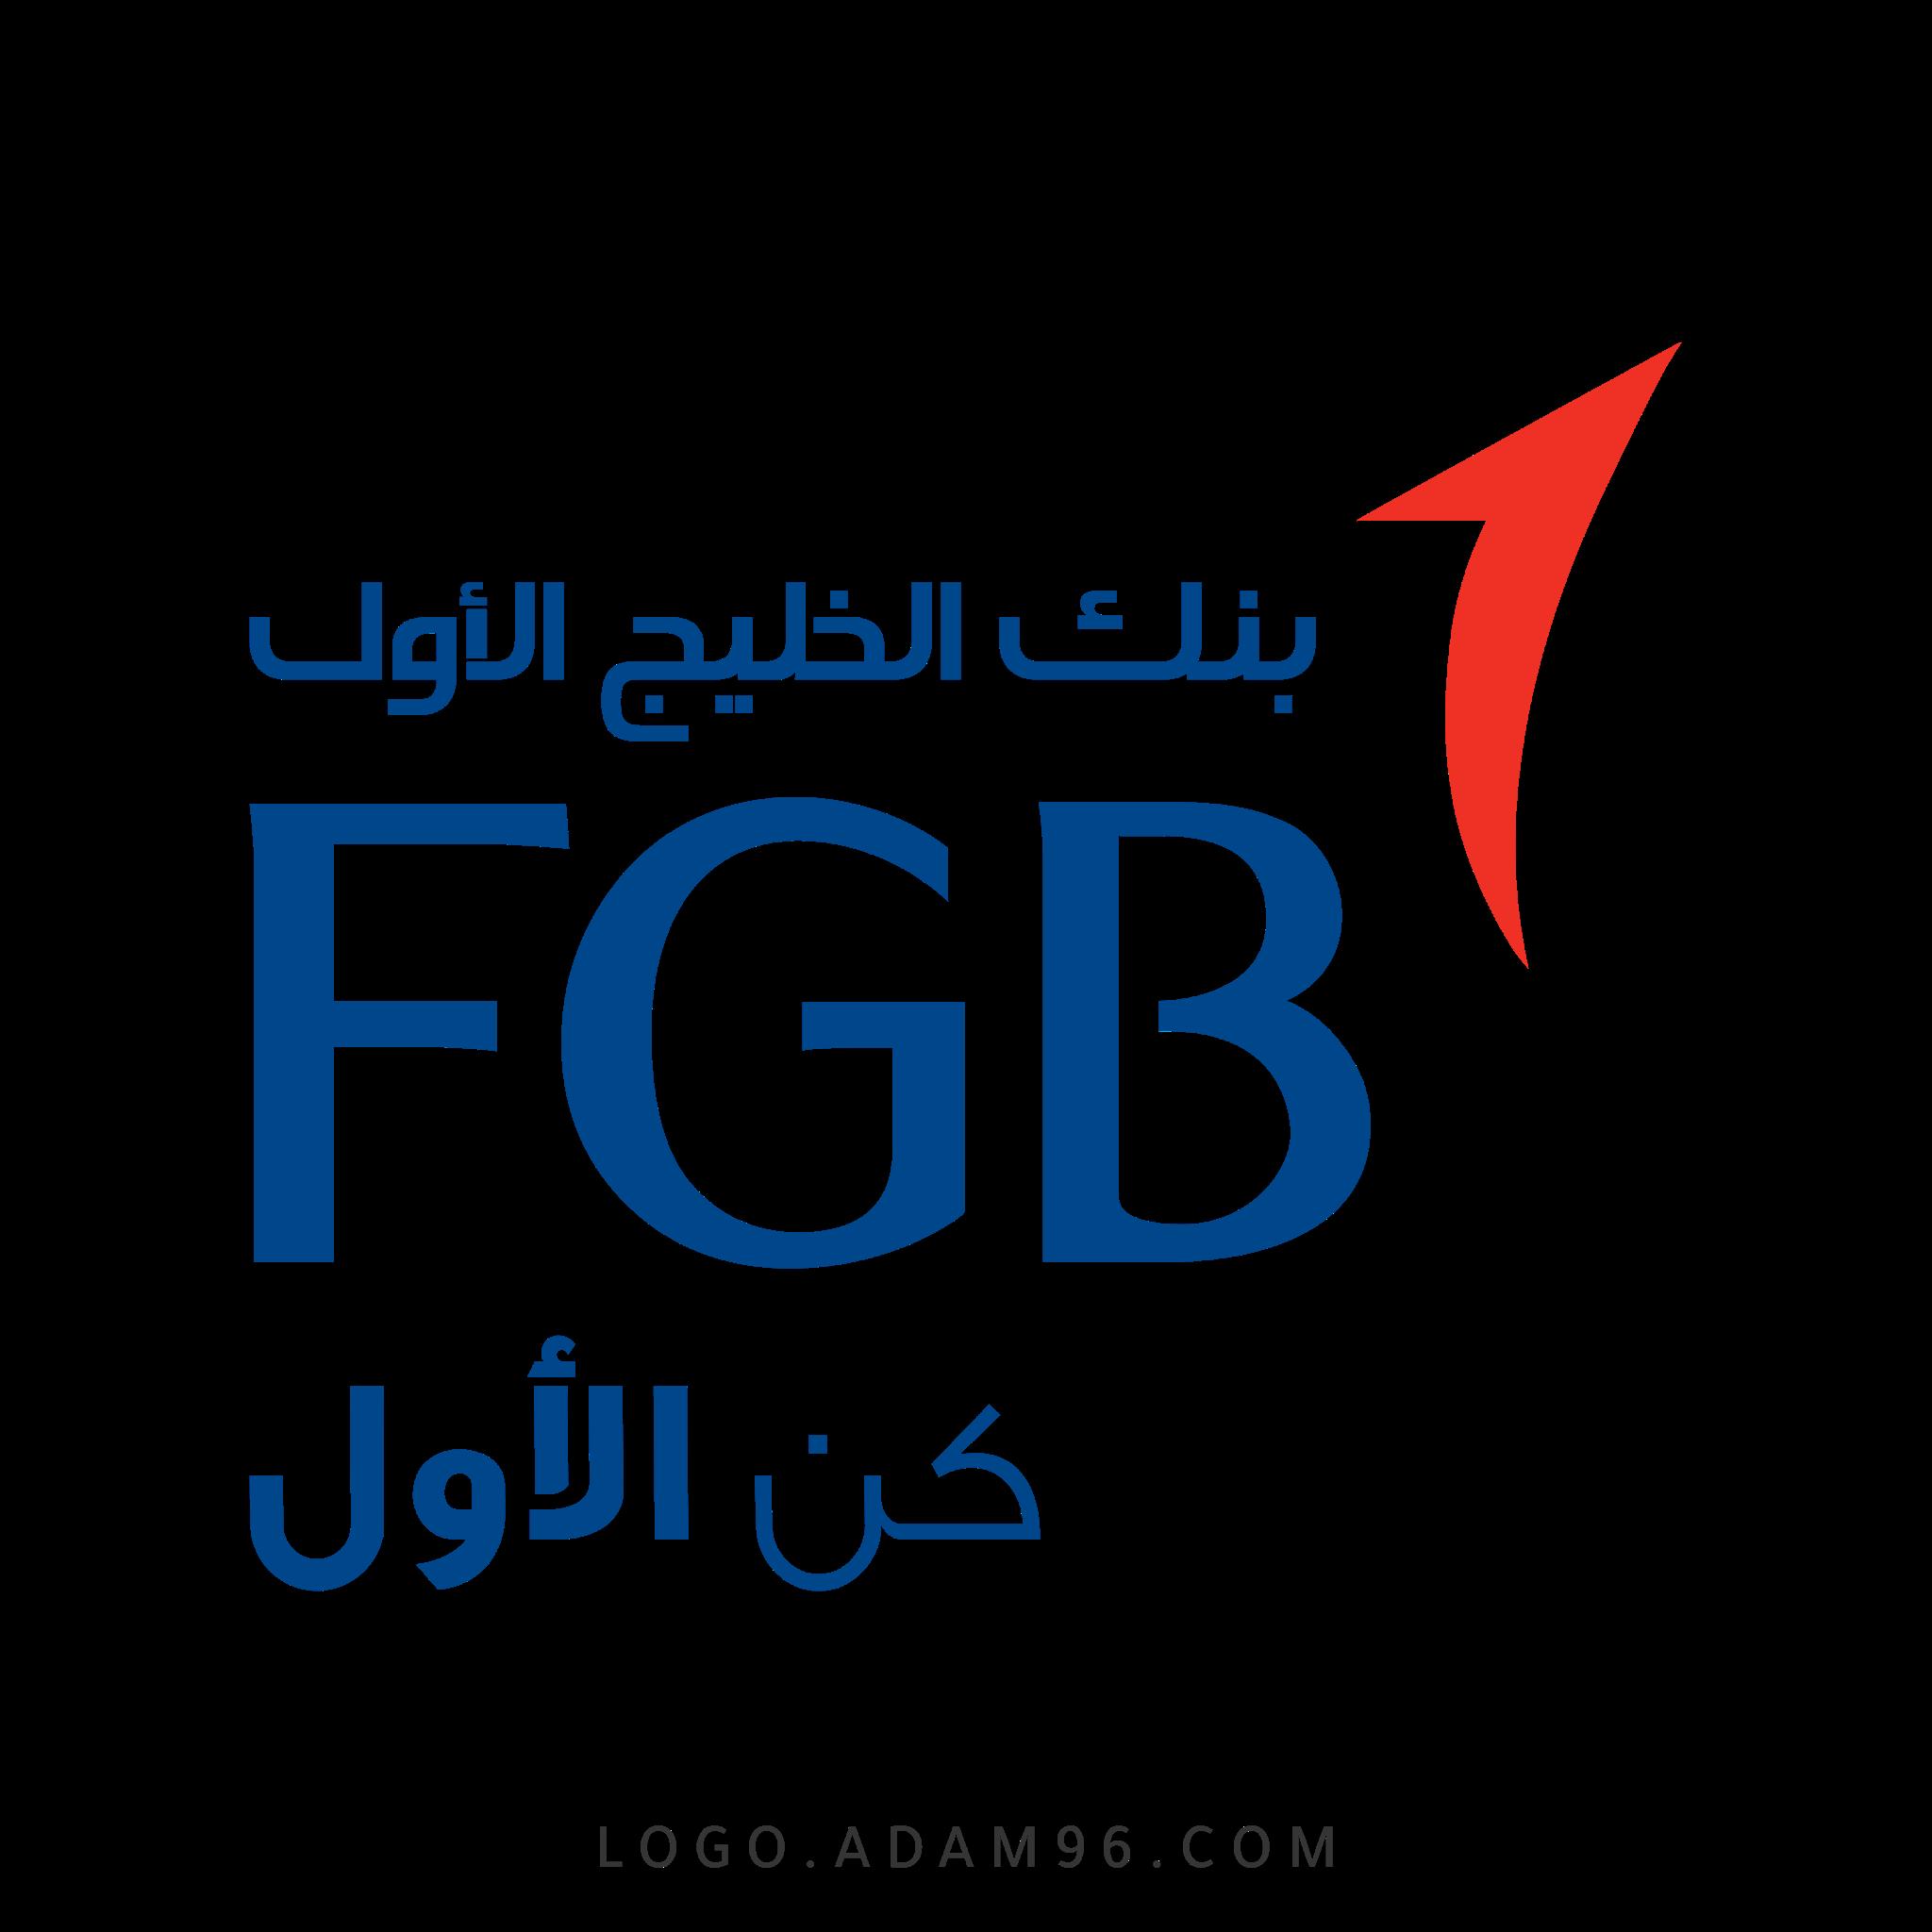 تحميل شعار بنك الخليج الأول لوجو رسمي عالي الجودة PNG